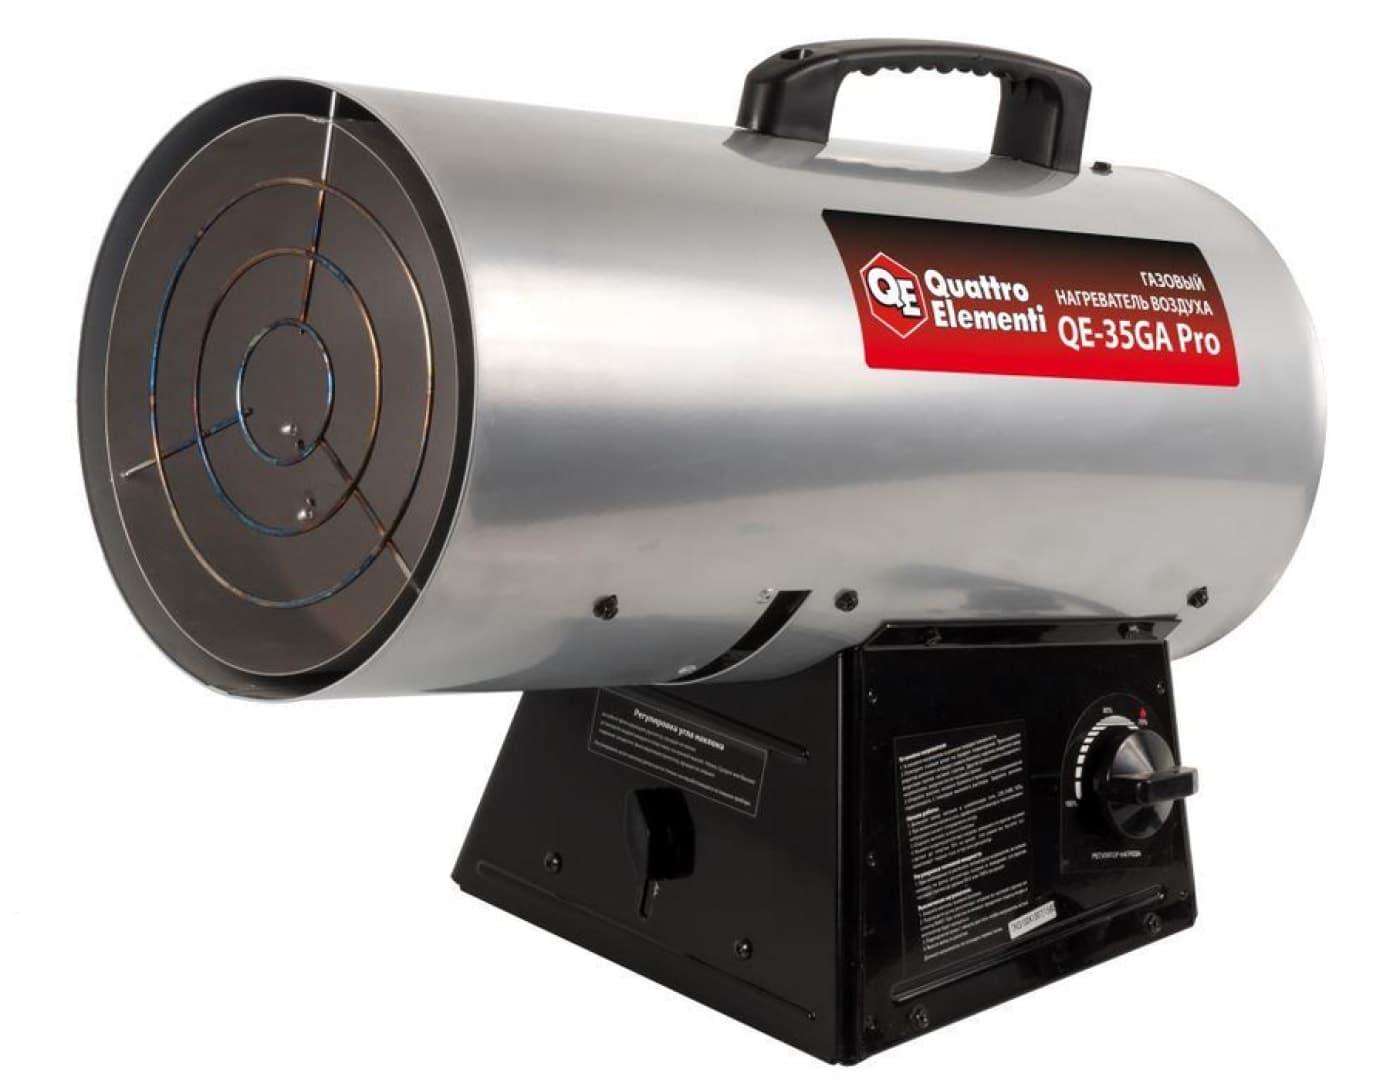 Инструмент для натяжных потолков описание. какое оборудование понадобится для монтажа натяжных потолков: тщательно подготовимся к установке инструмент натяжной